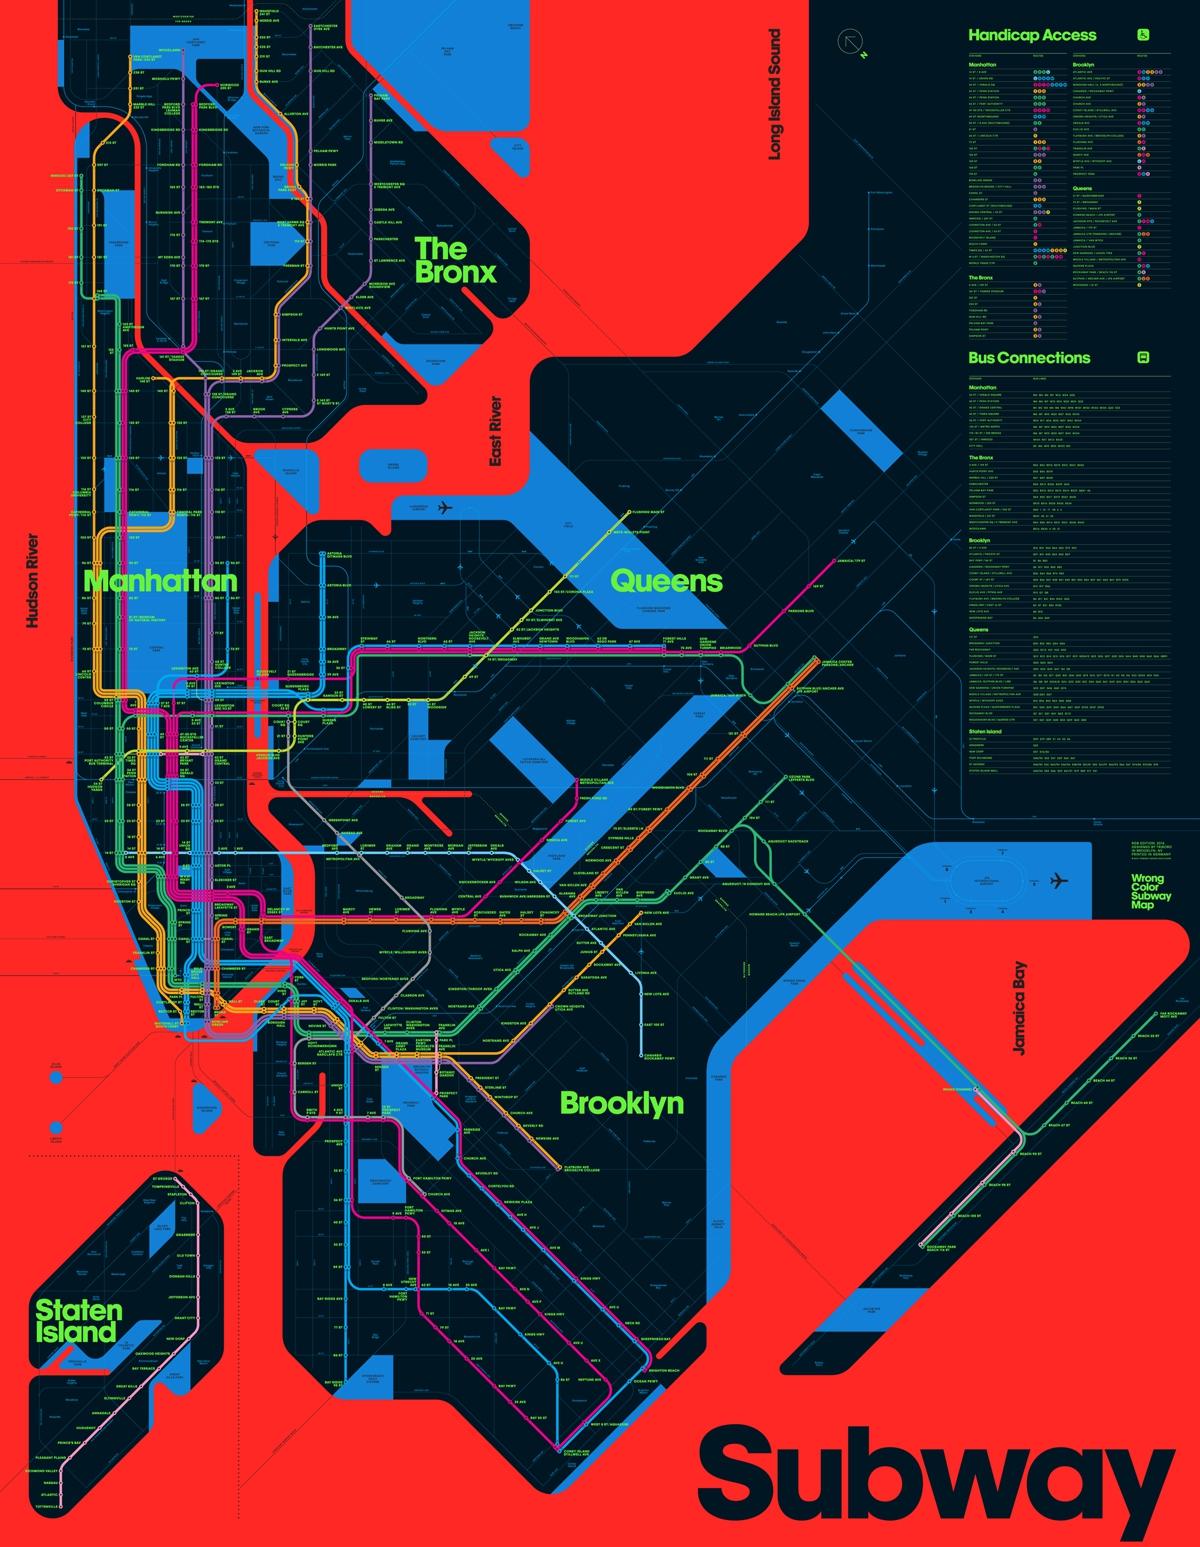 New York Subway Map Red.Wrong Color Subway Map Viewing Nyc